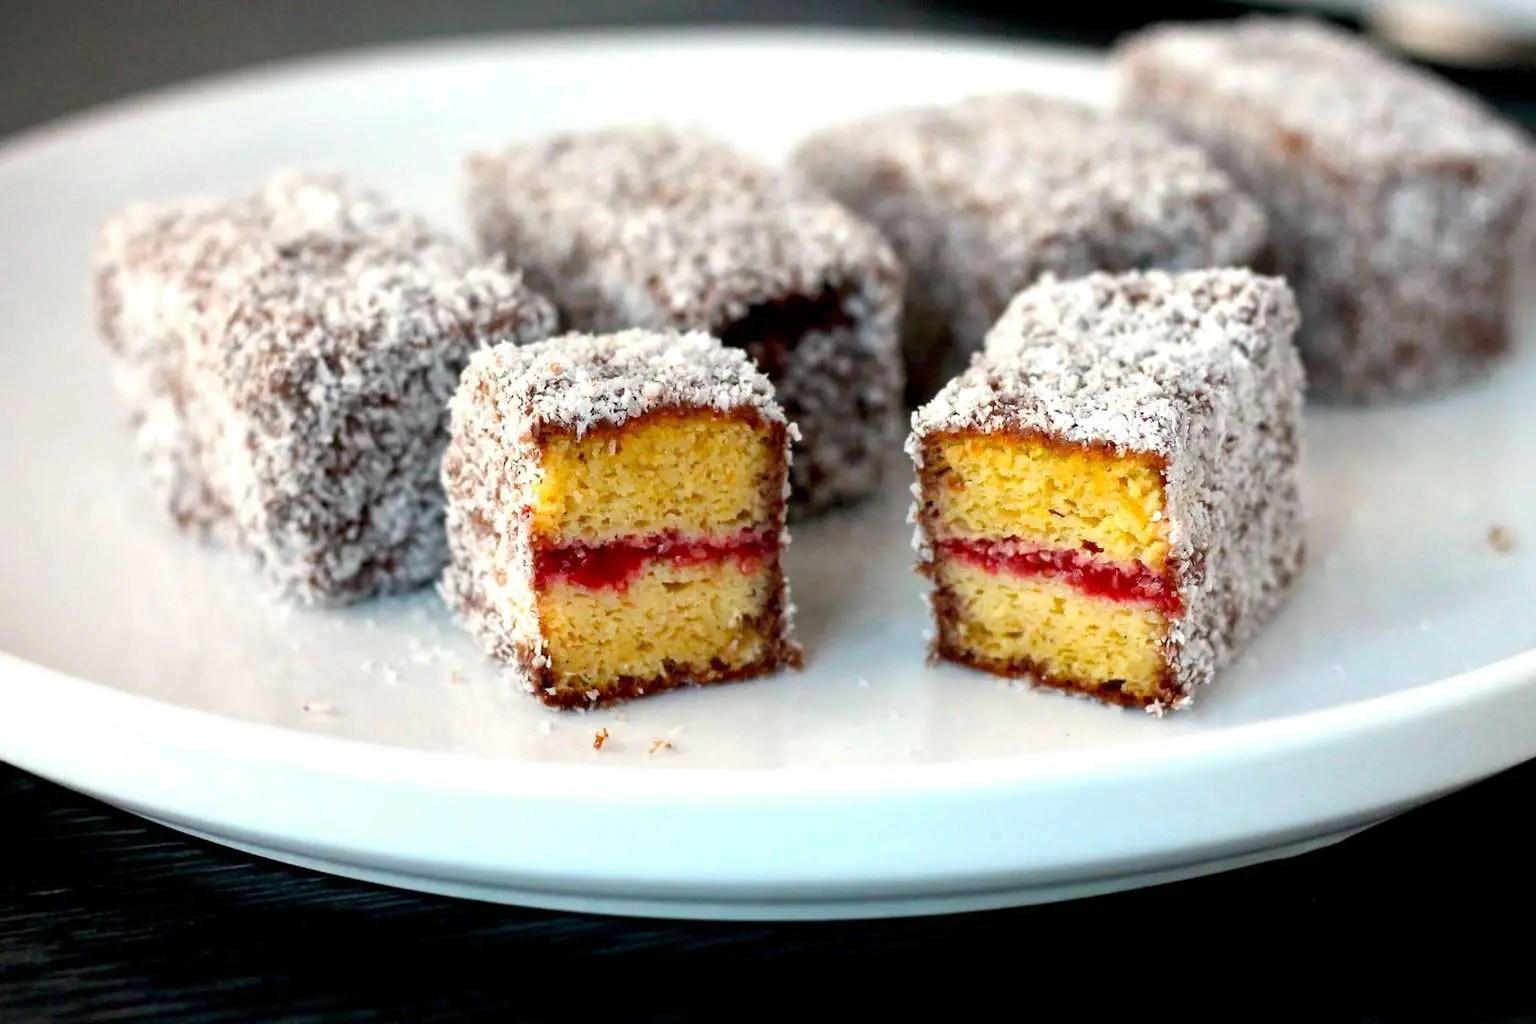 Australian Butter Cake